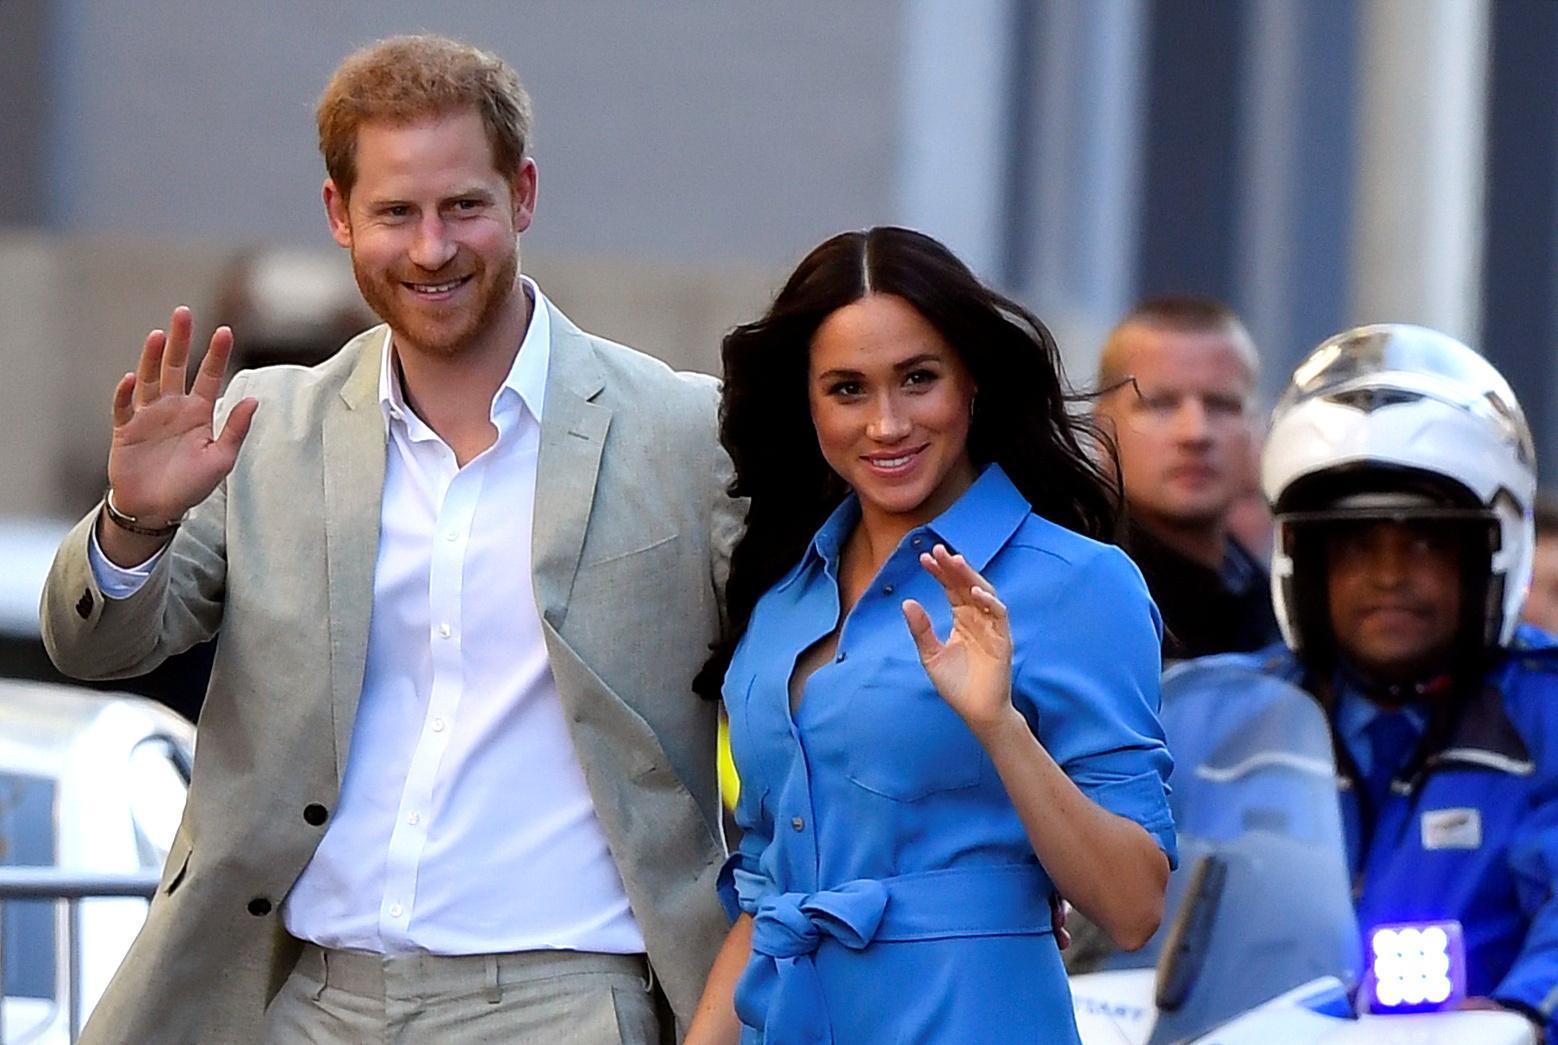 حرمان الأمير هاري وزوجته ماركل من استخدام كلمة